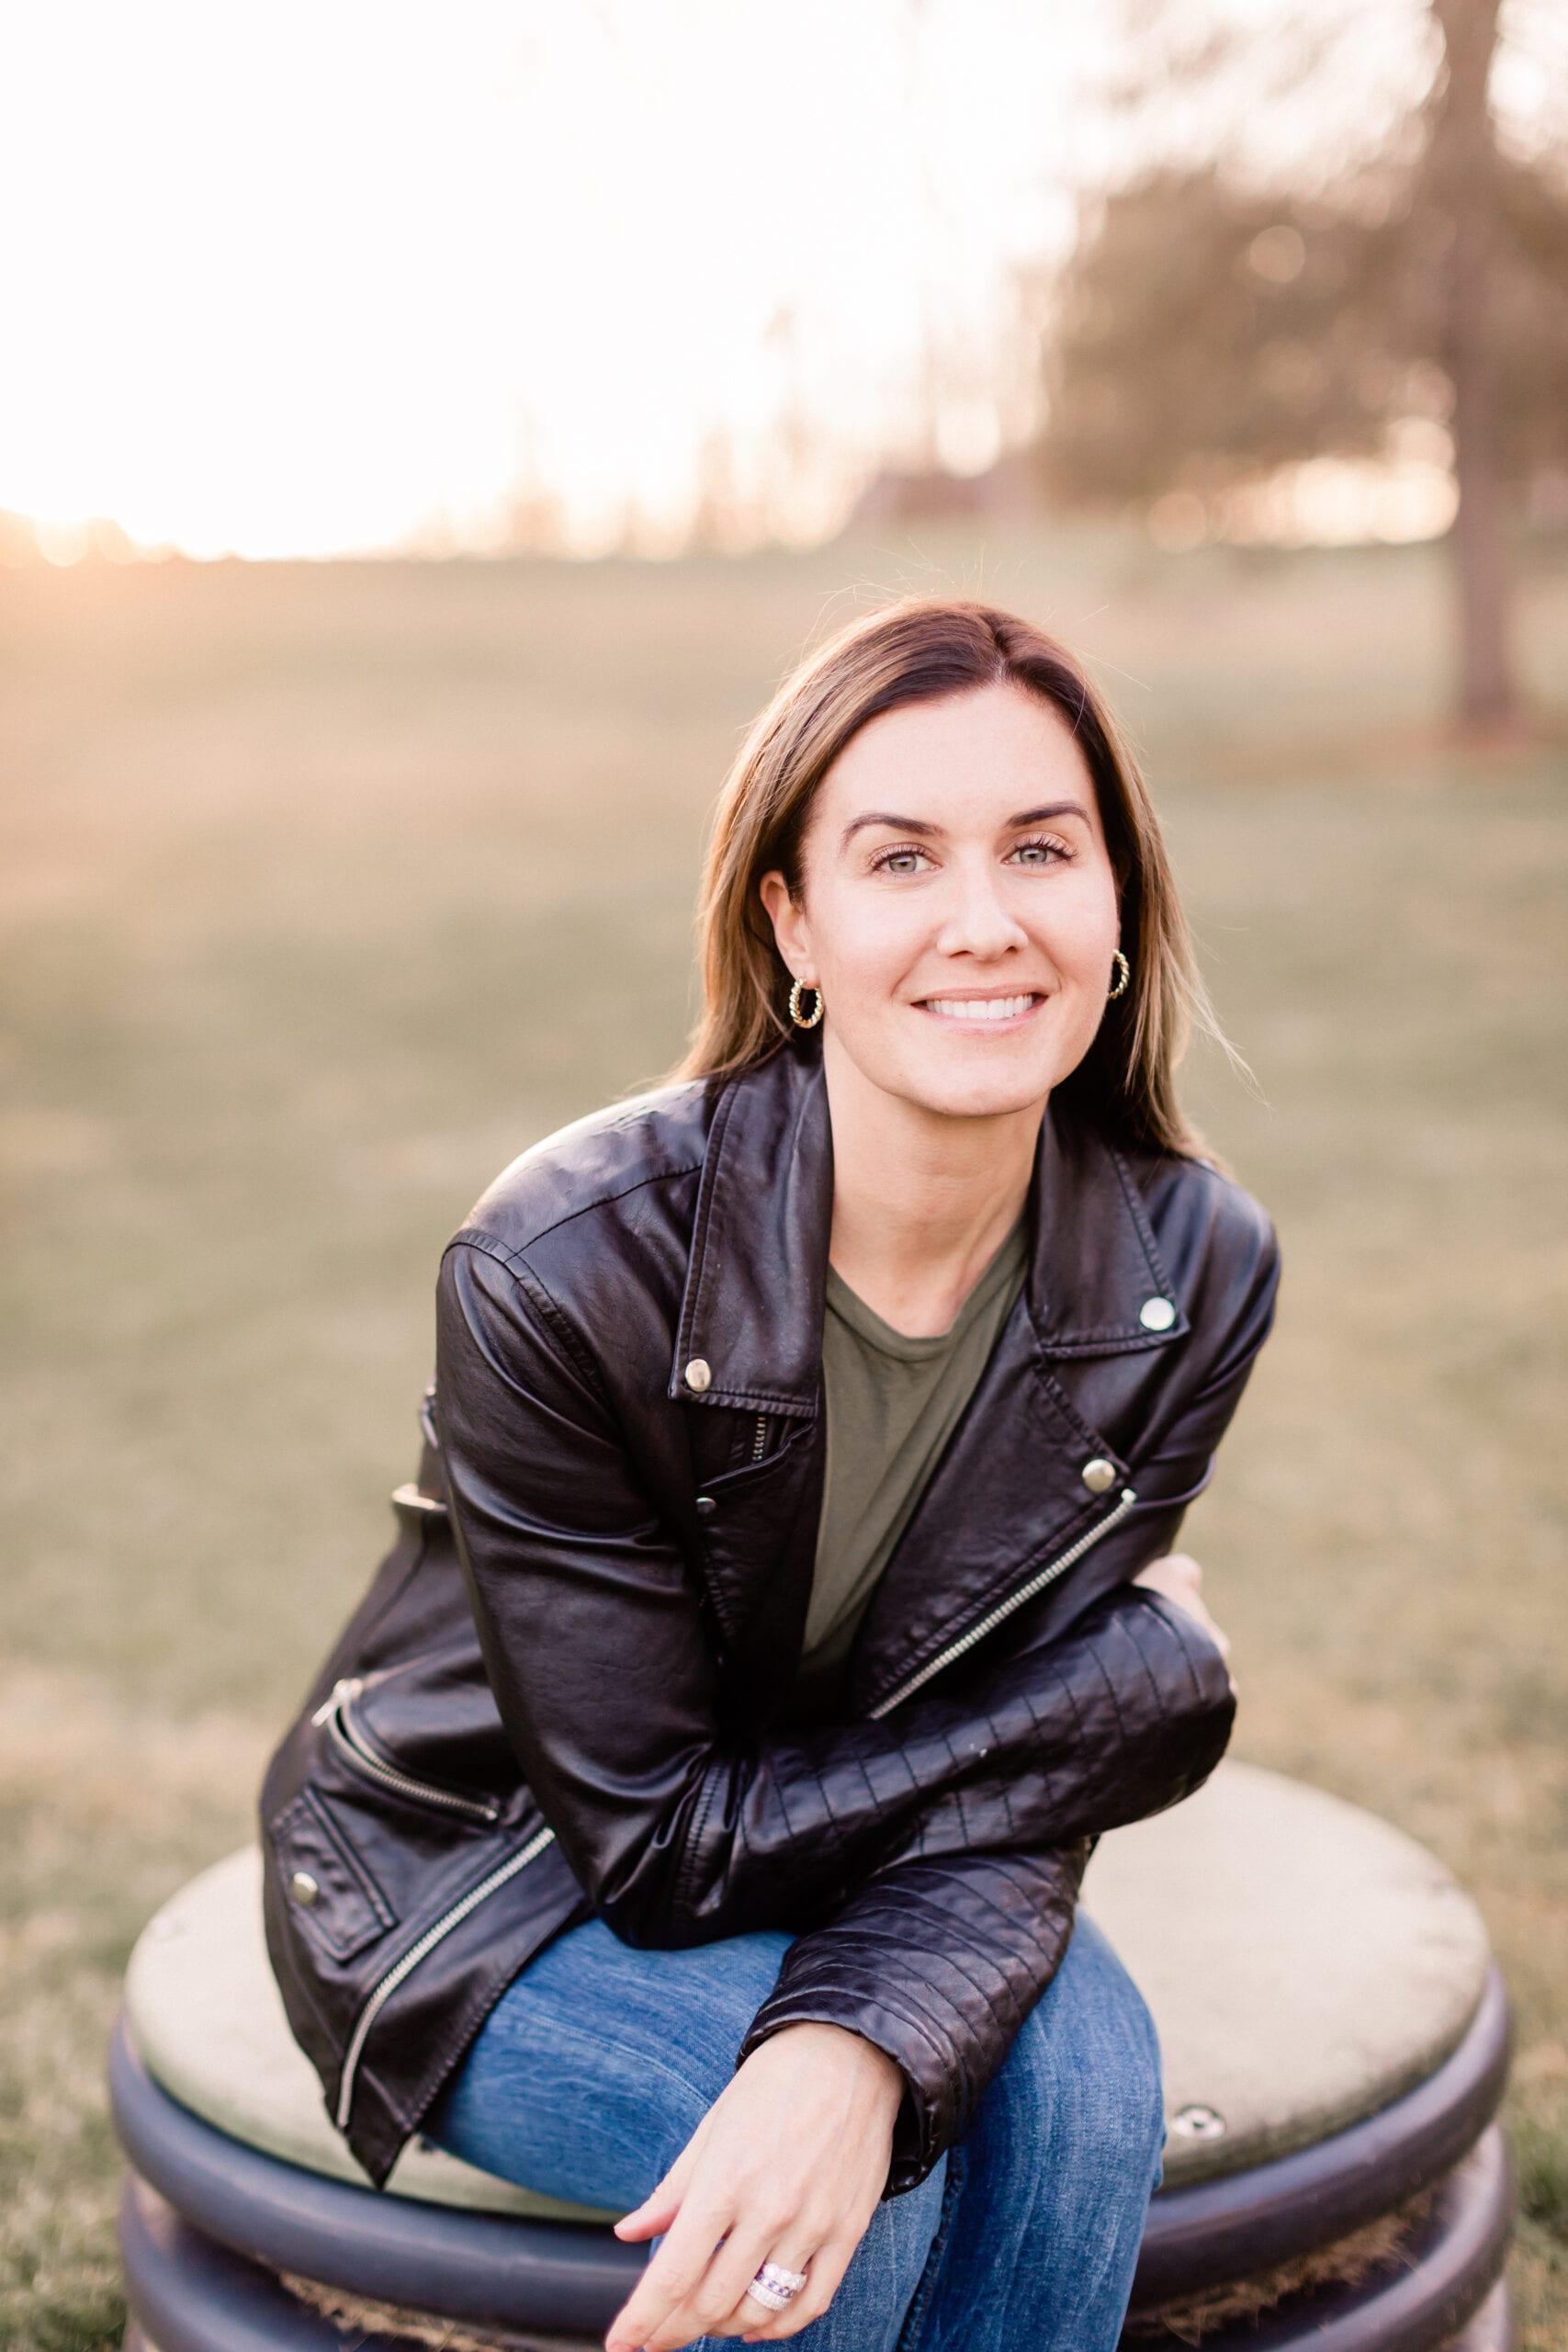 Nicole Obringer